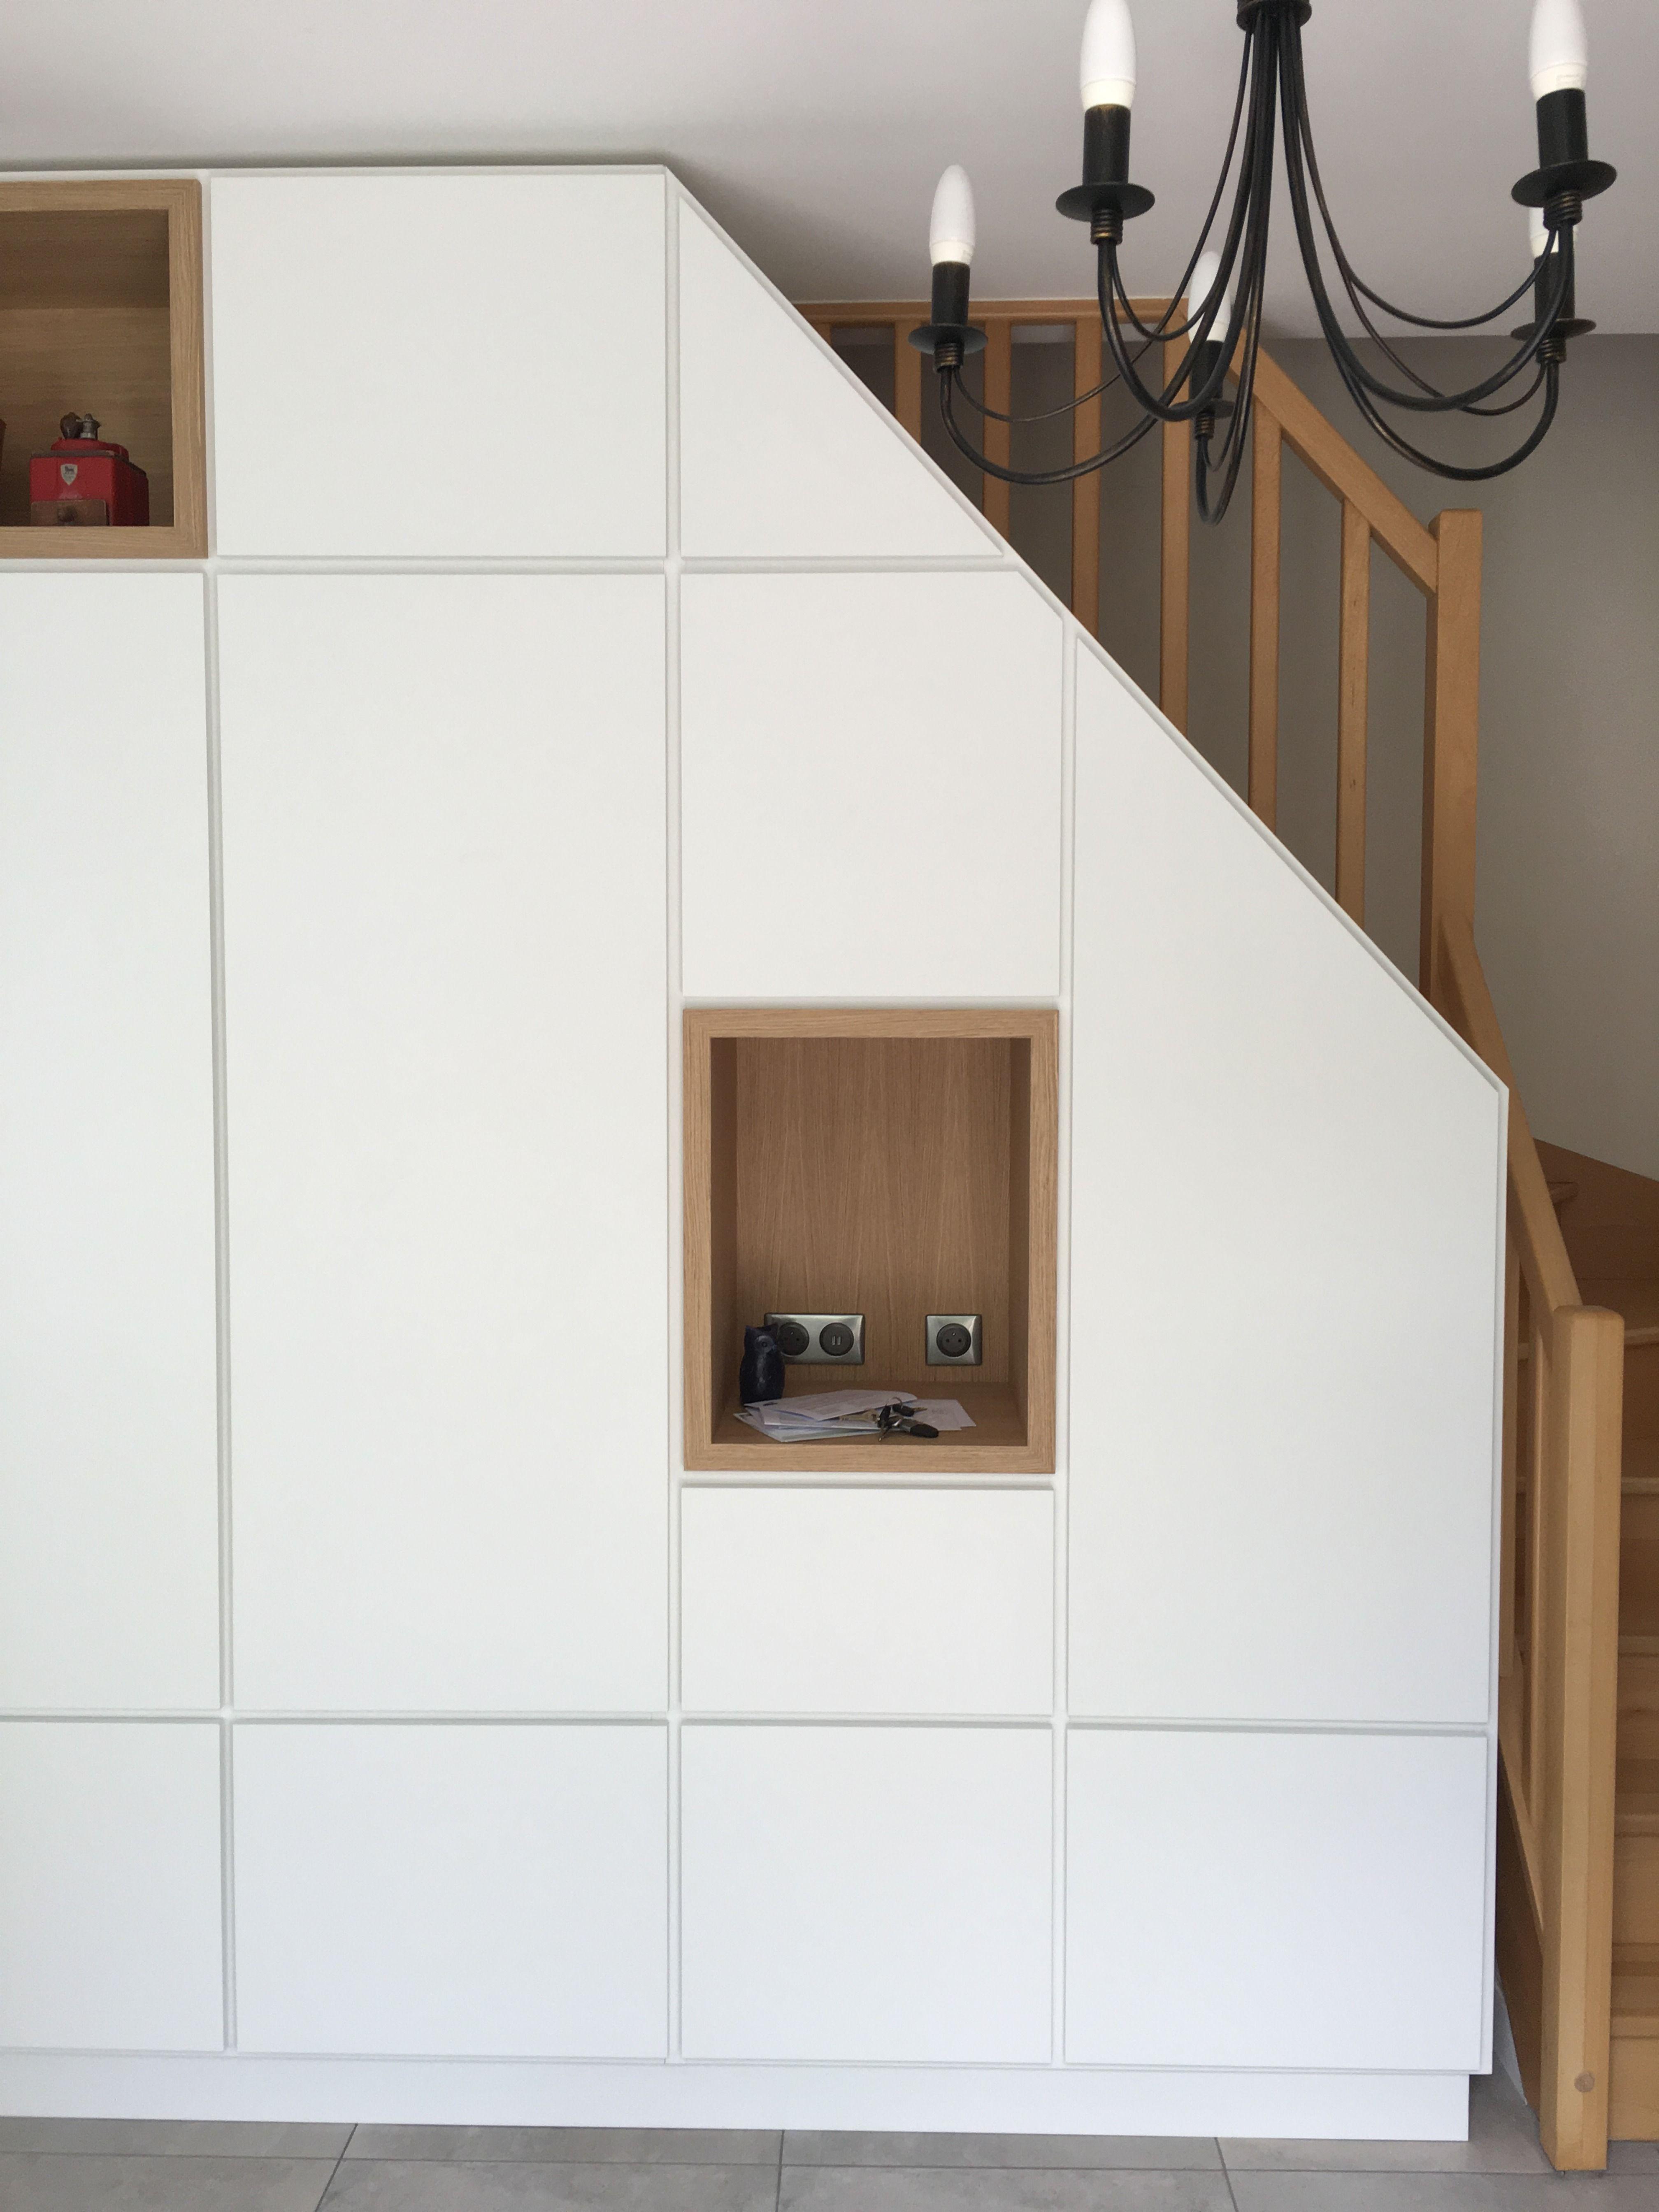 Refaire Escalier Trop Raide agencement sur mesure, meuble sous escalier. zone de